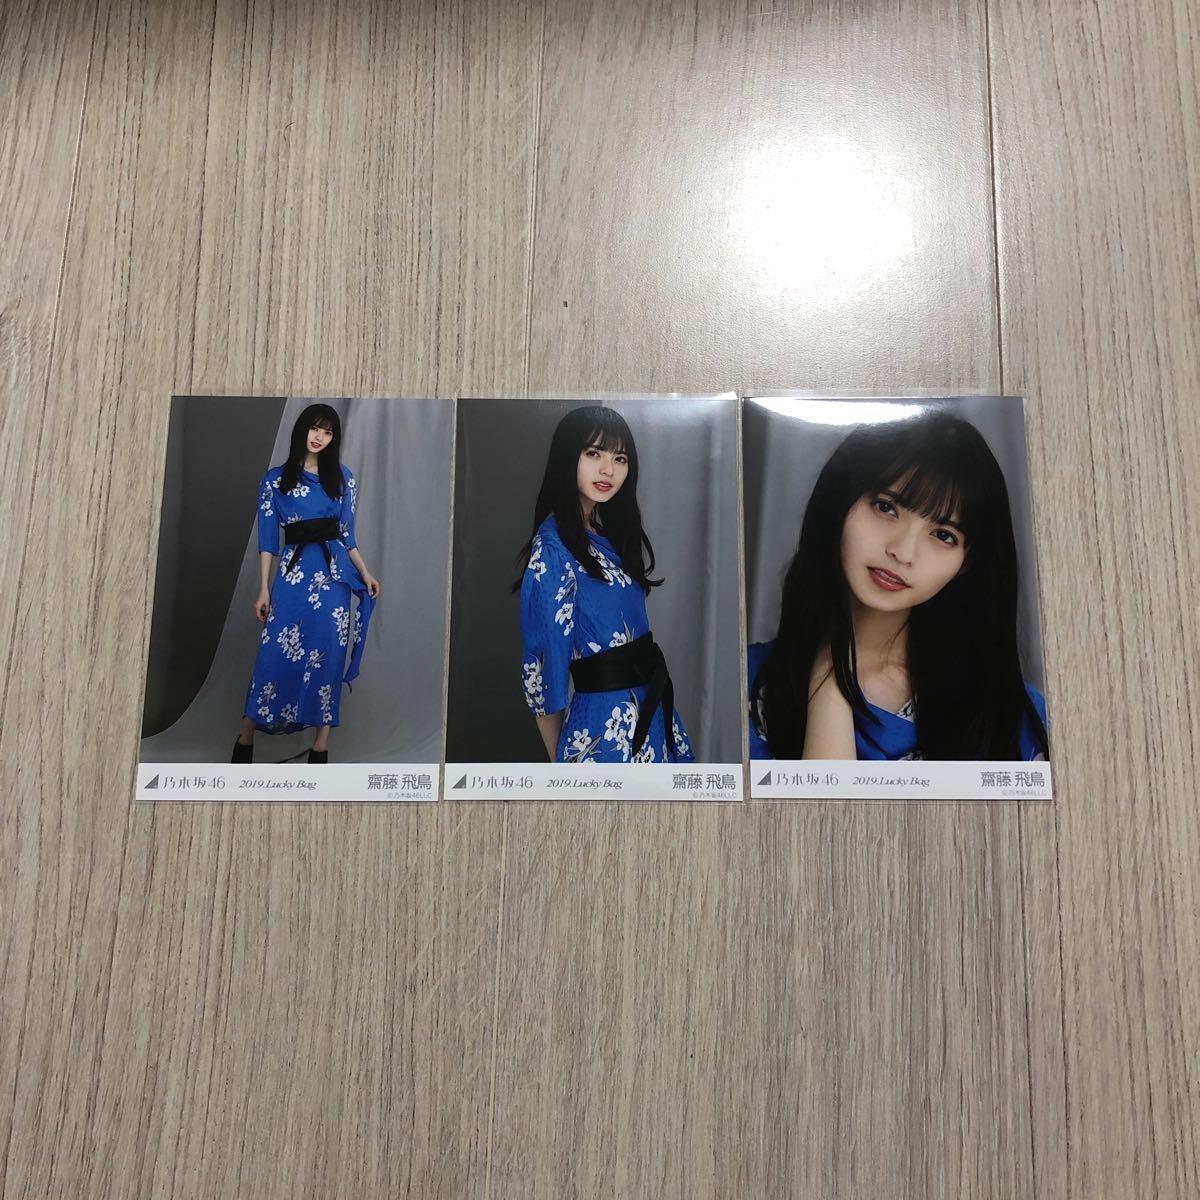 乃木坂46 生写真 コンプ 齋藤飛鳥 2019 lucky bag